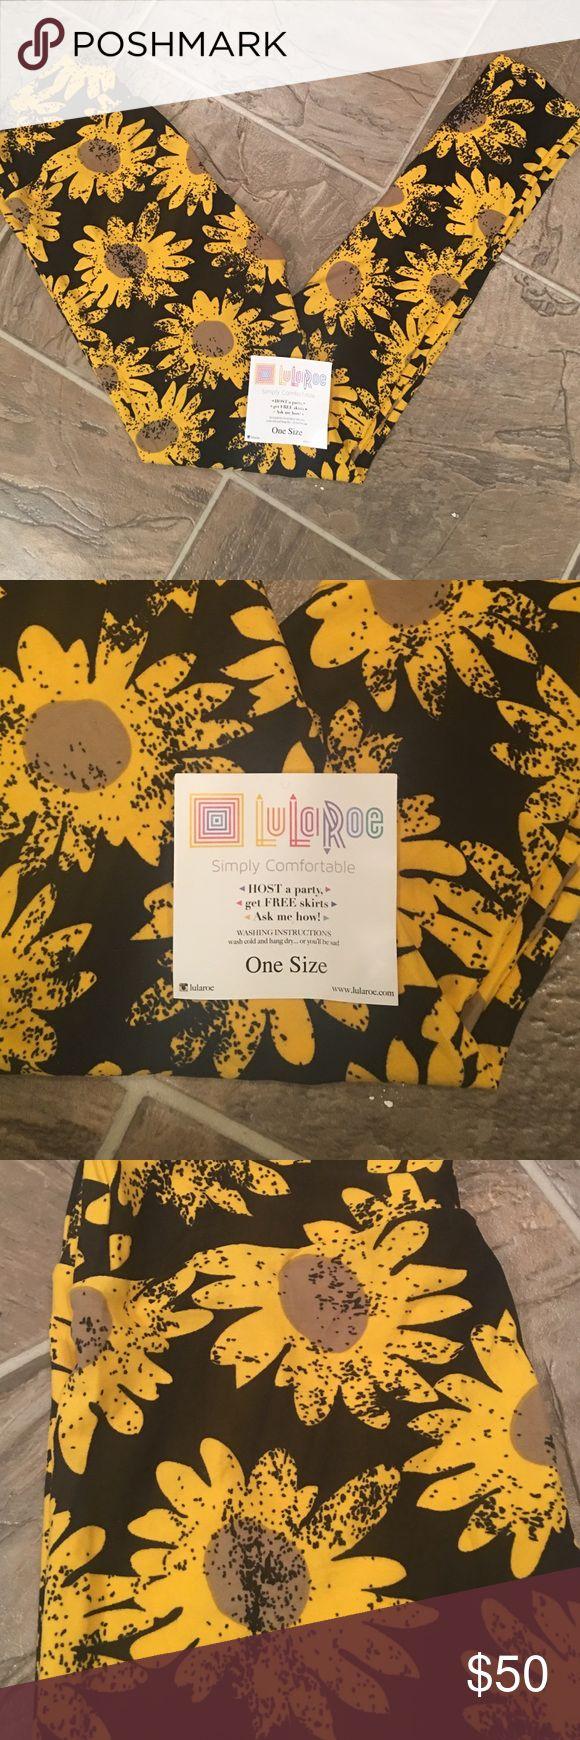 LuLaRoe Unicorn Sunflower Leggings BNWT- Never Worn- One Size- Black Background- Yellow Sunflowers LuLaRoe Pants Leggings